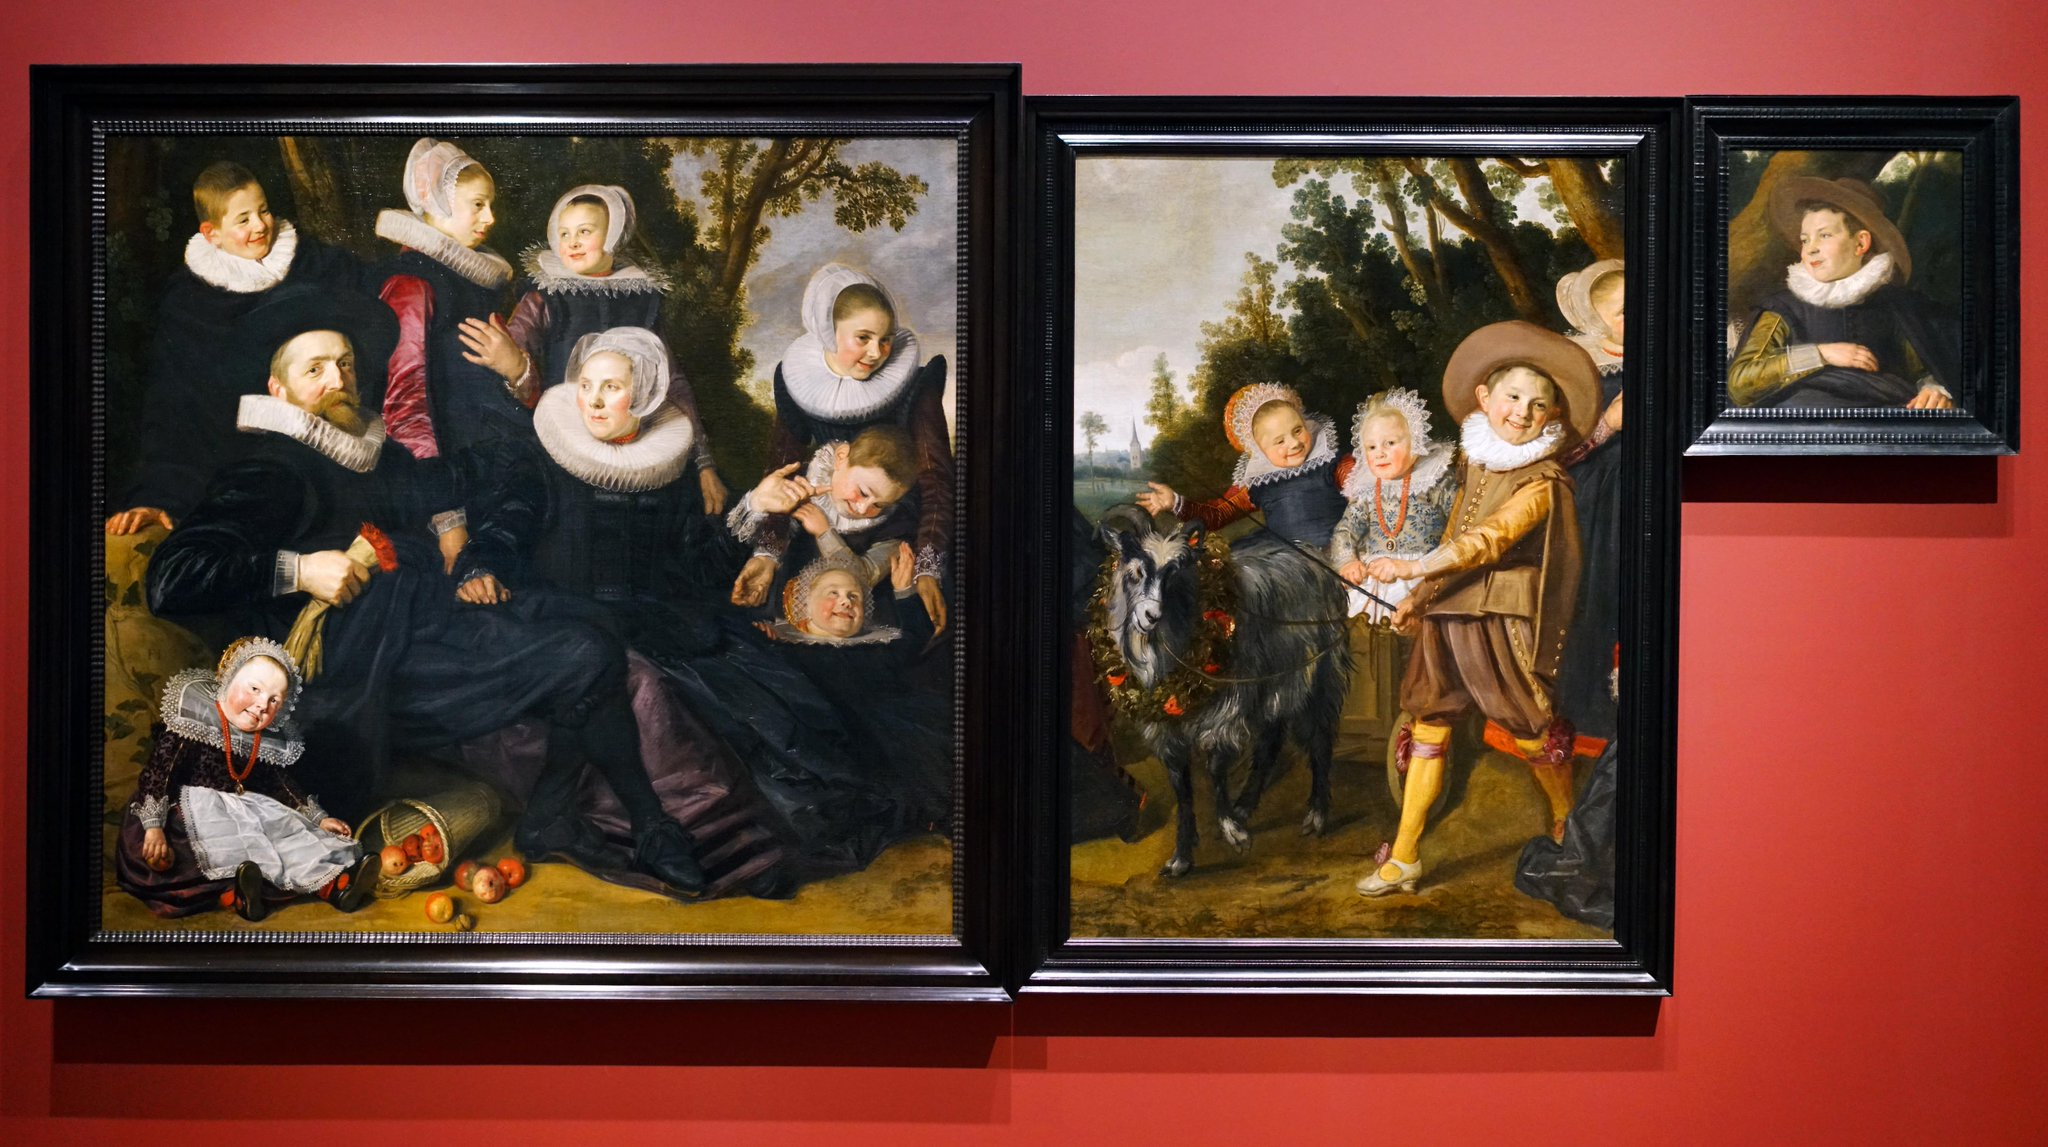 Франс Халс / «Портрет семьи ван Кампен в пейзаже» / интрига в том, что когда-то эти портреты были одной картиной / 1623-25